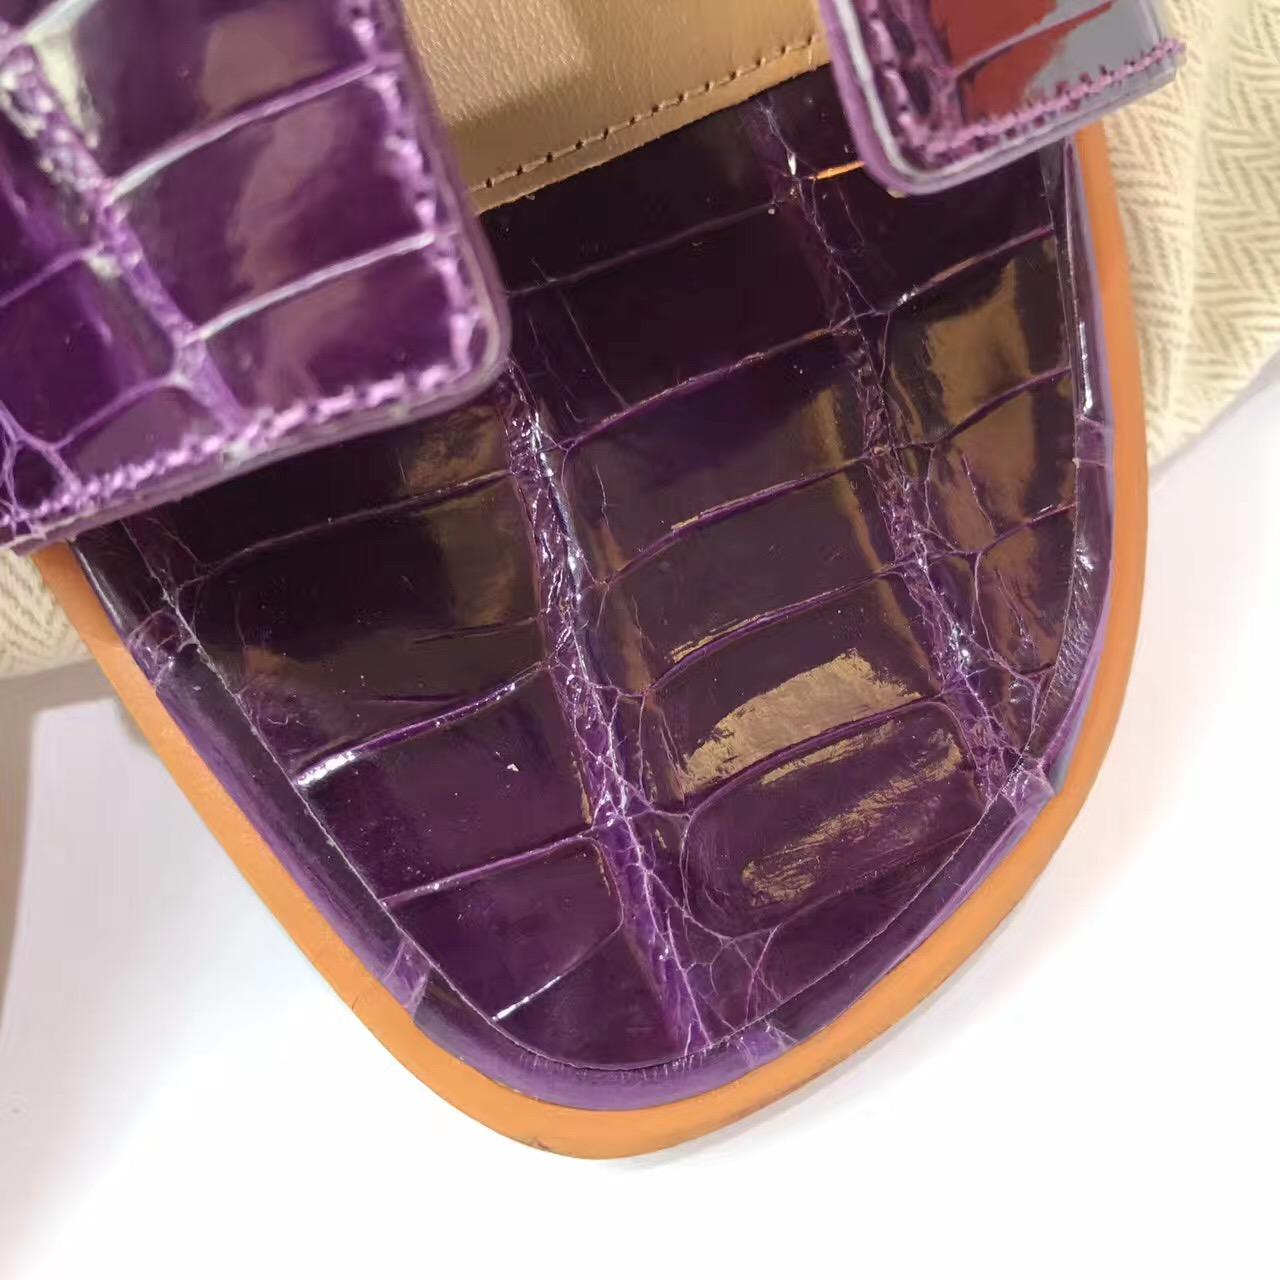 愛馬仕Hermes女士涼鞋 鱷魚霧面H型拖鞋 水晶葡萄紫 平底涼拖鞋